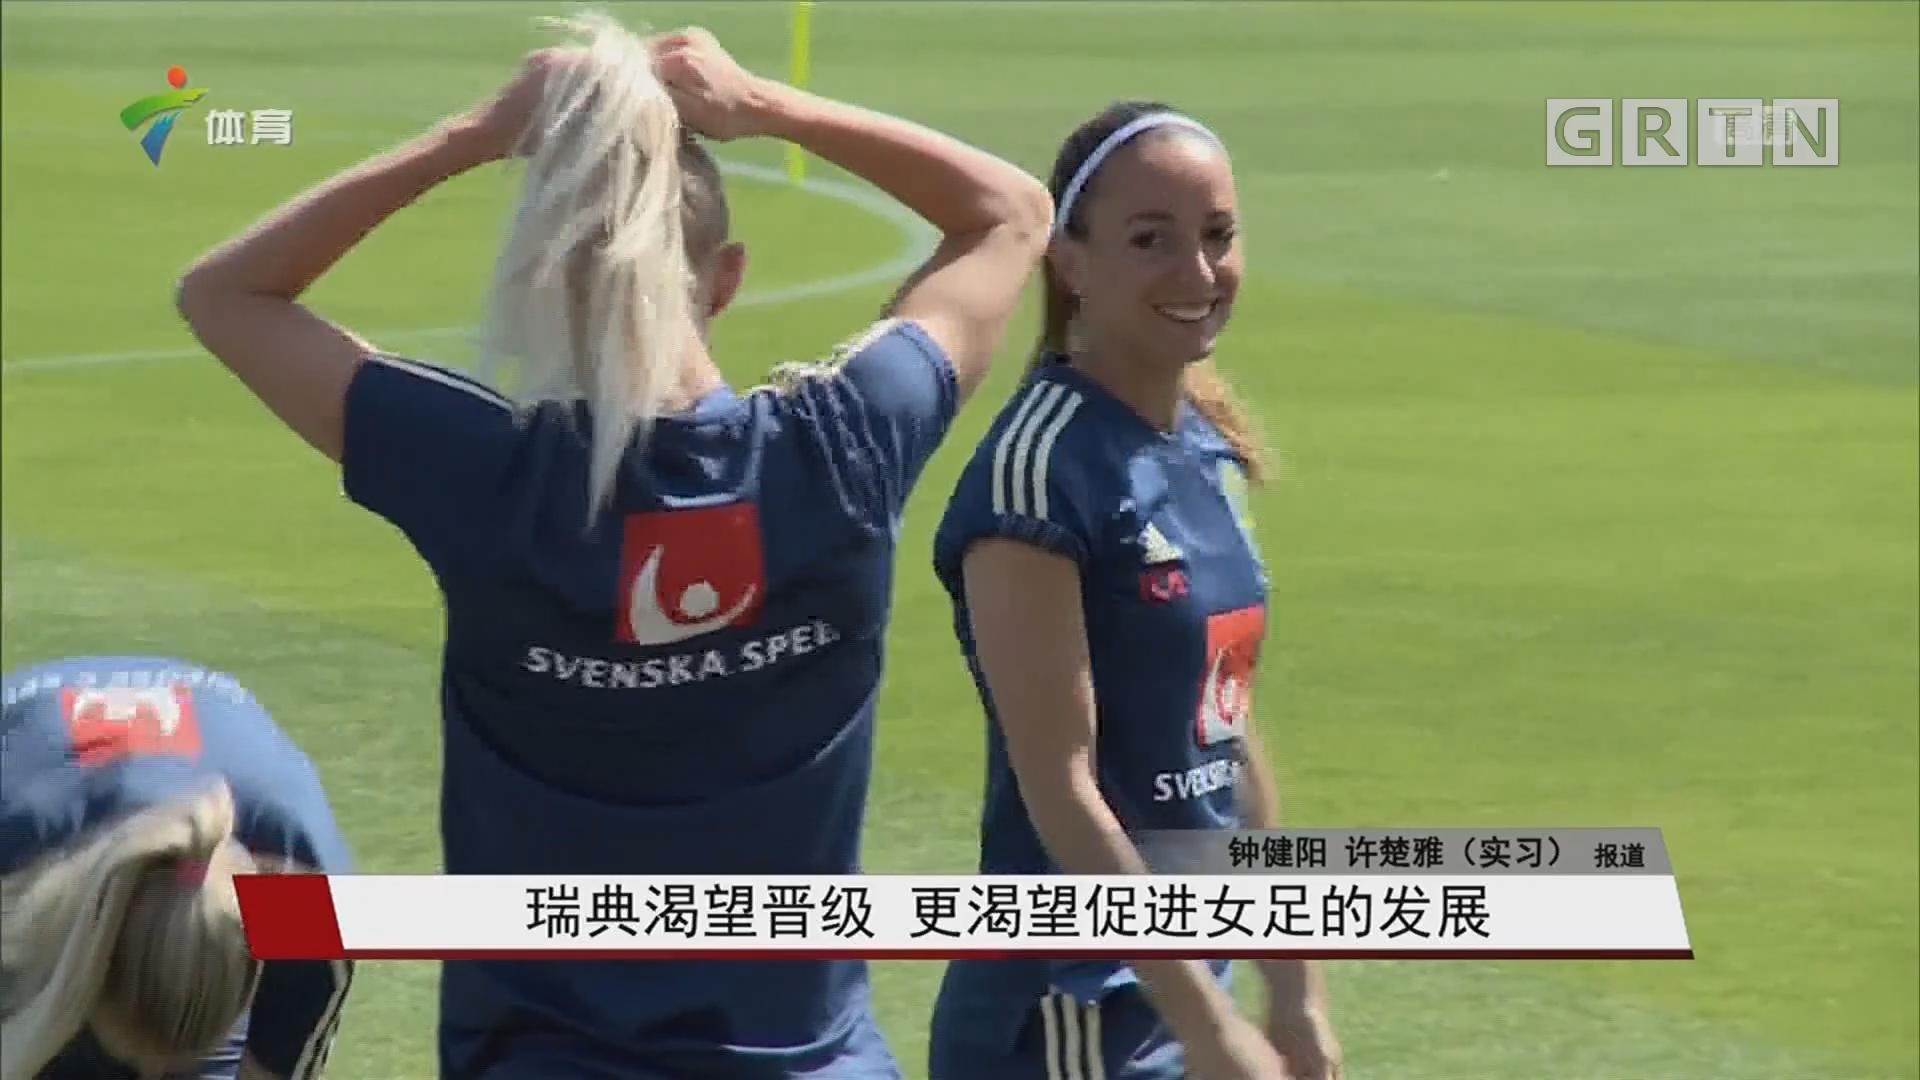 瑞典渴望晋级 更渴望促进女足的发展